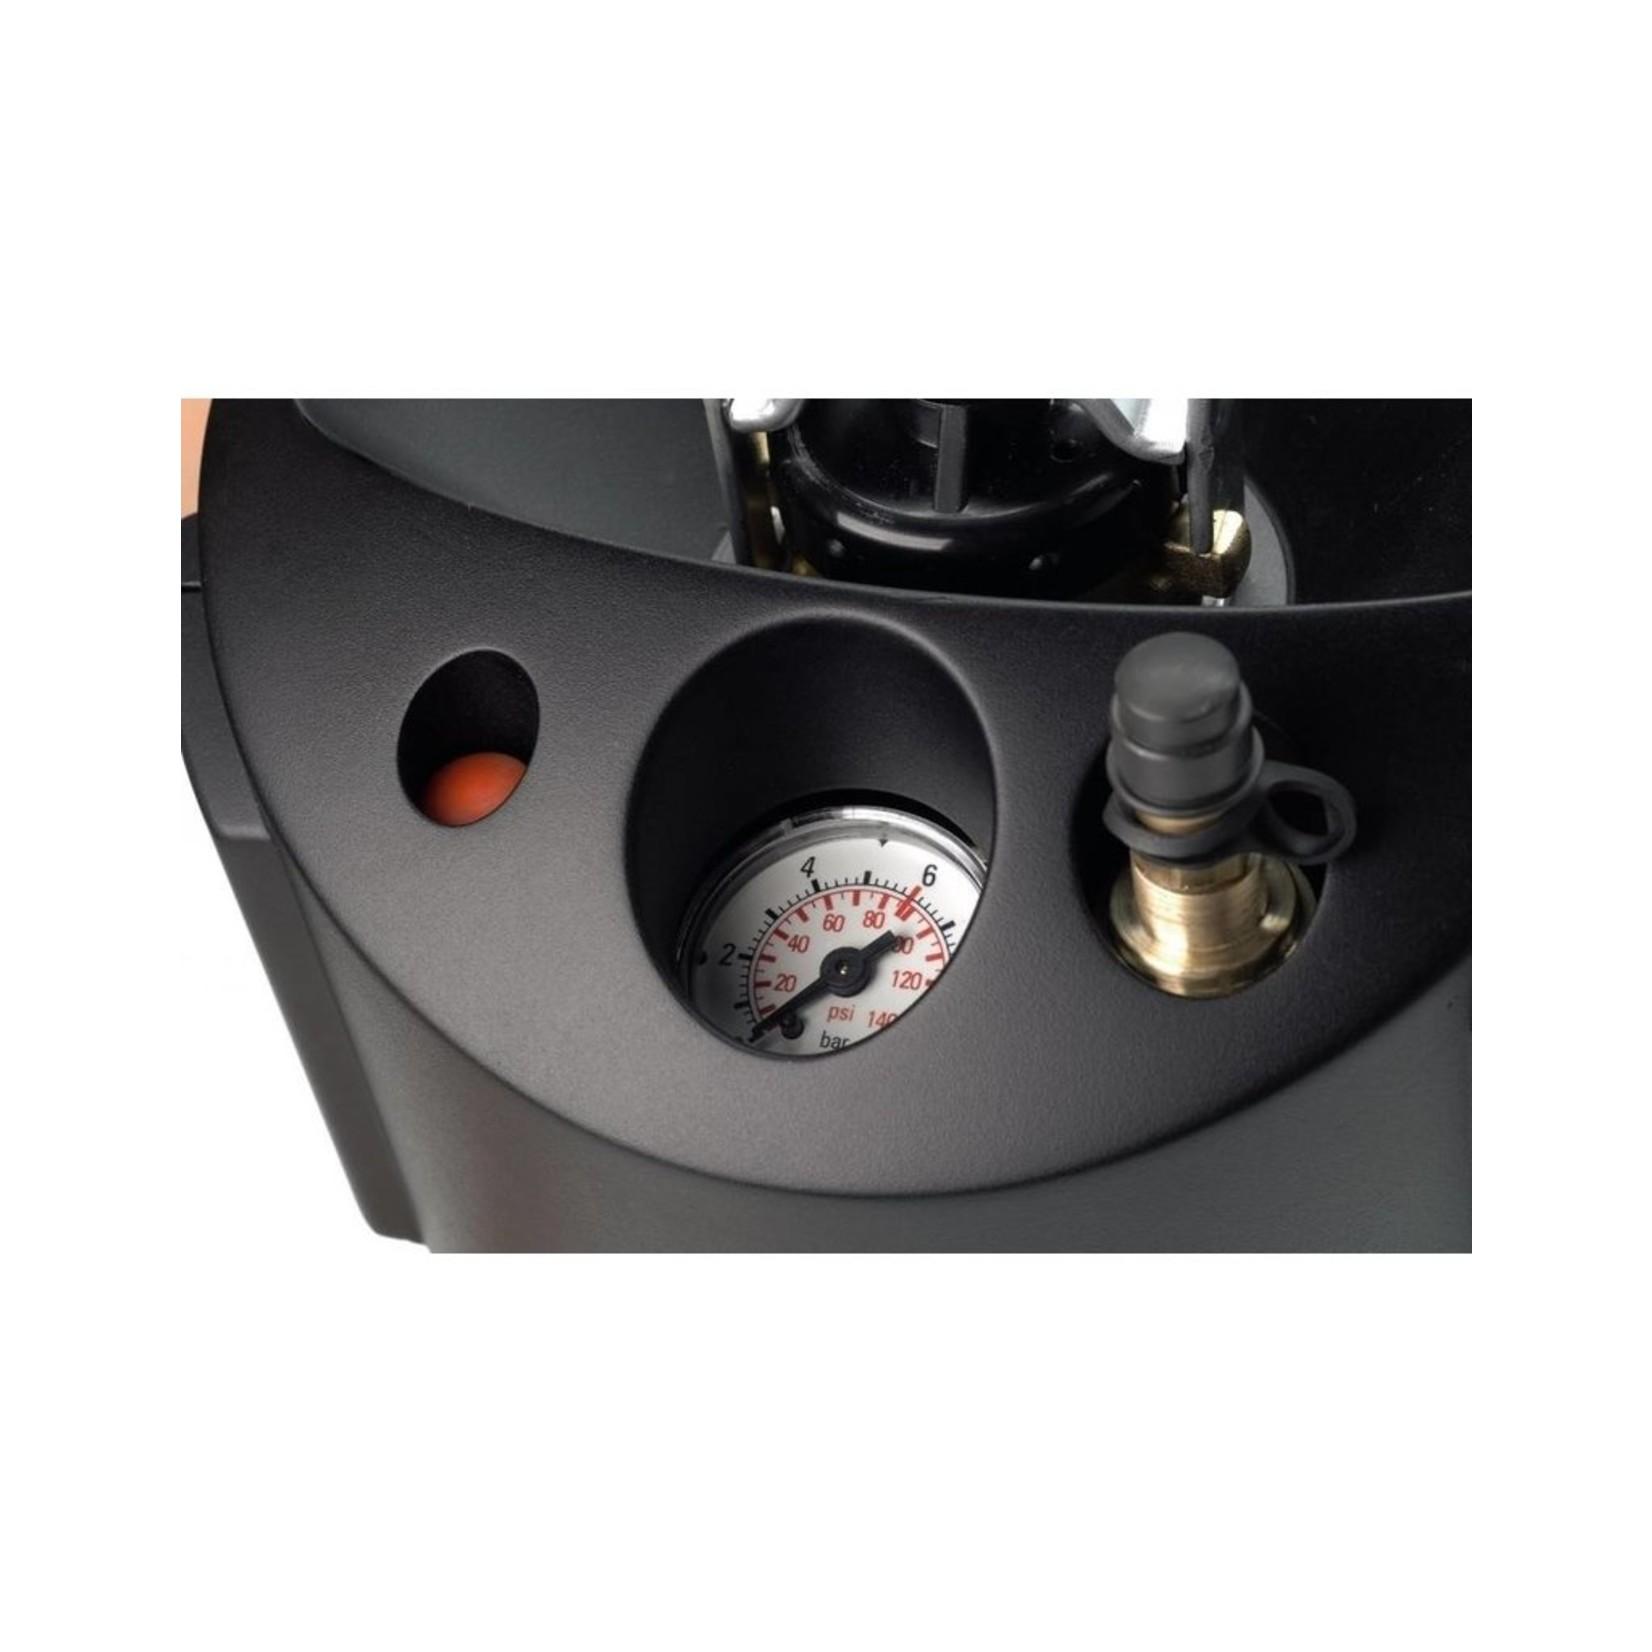 Gloria Industrie Hogedrukspuit RVS 505TK Profiline (5 liter) met Compressoraansluiting